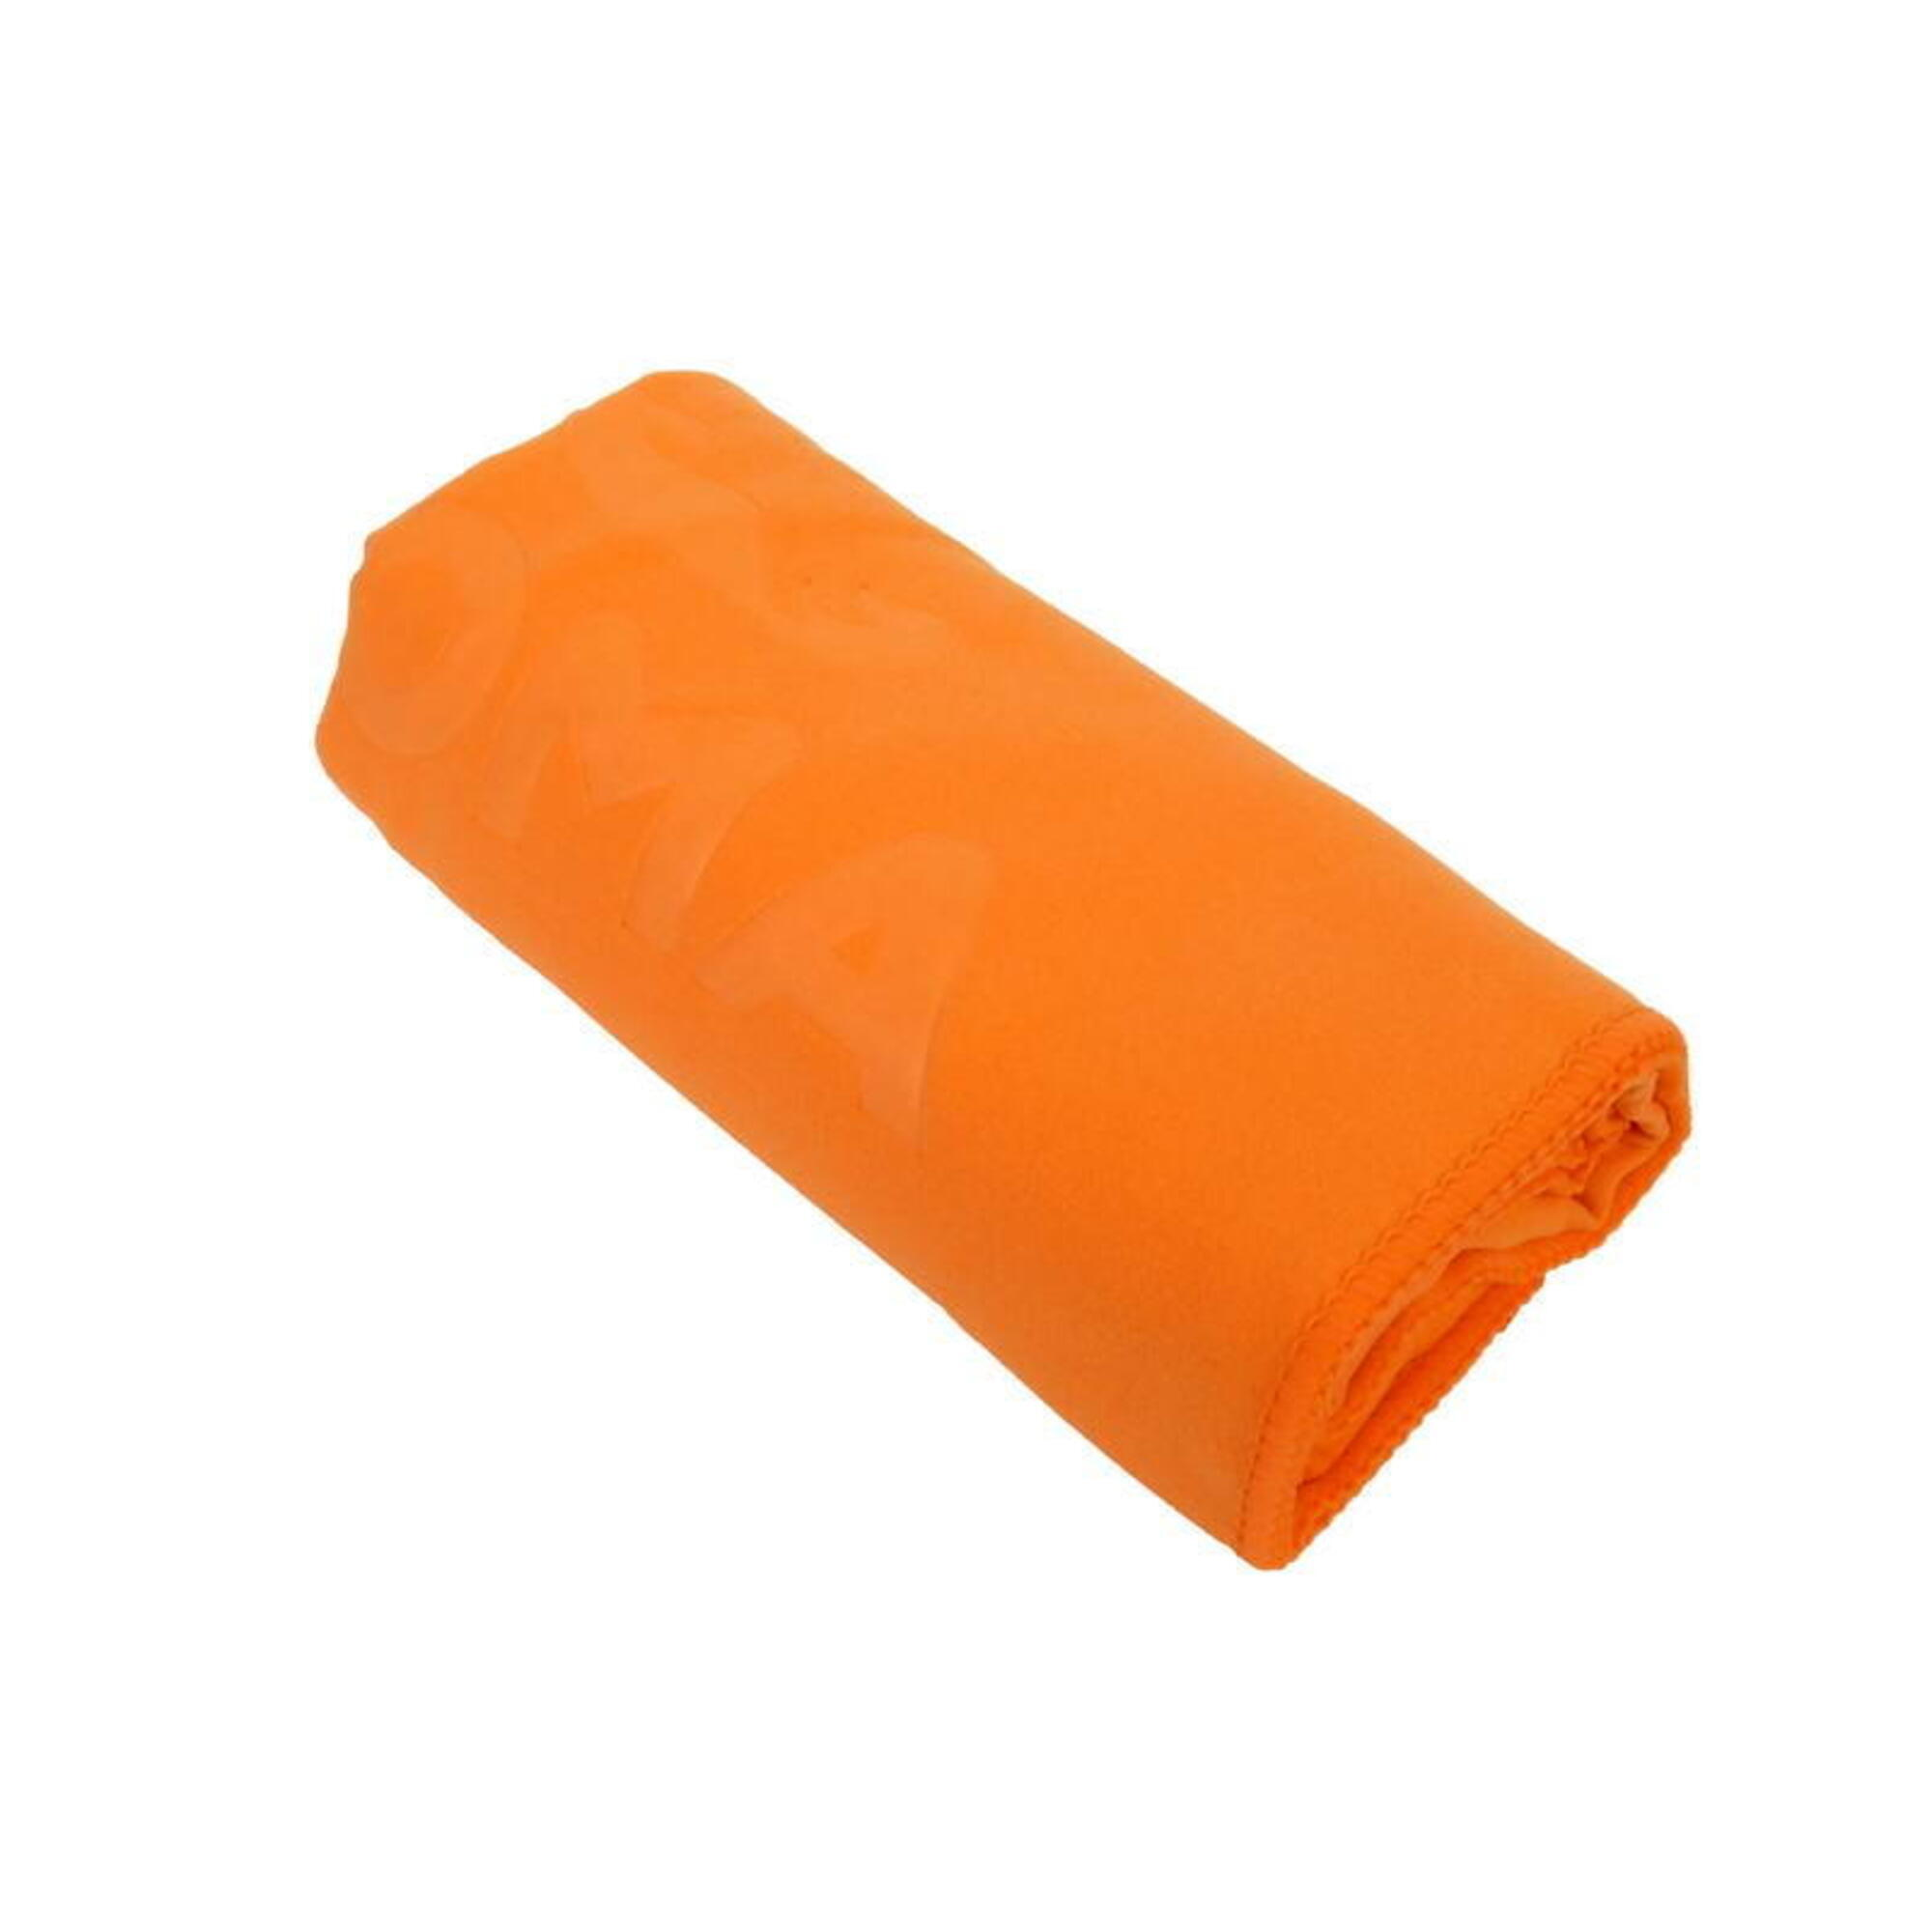 微纖吸水毛巾, 橙色